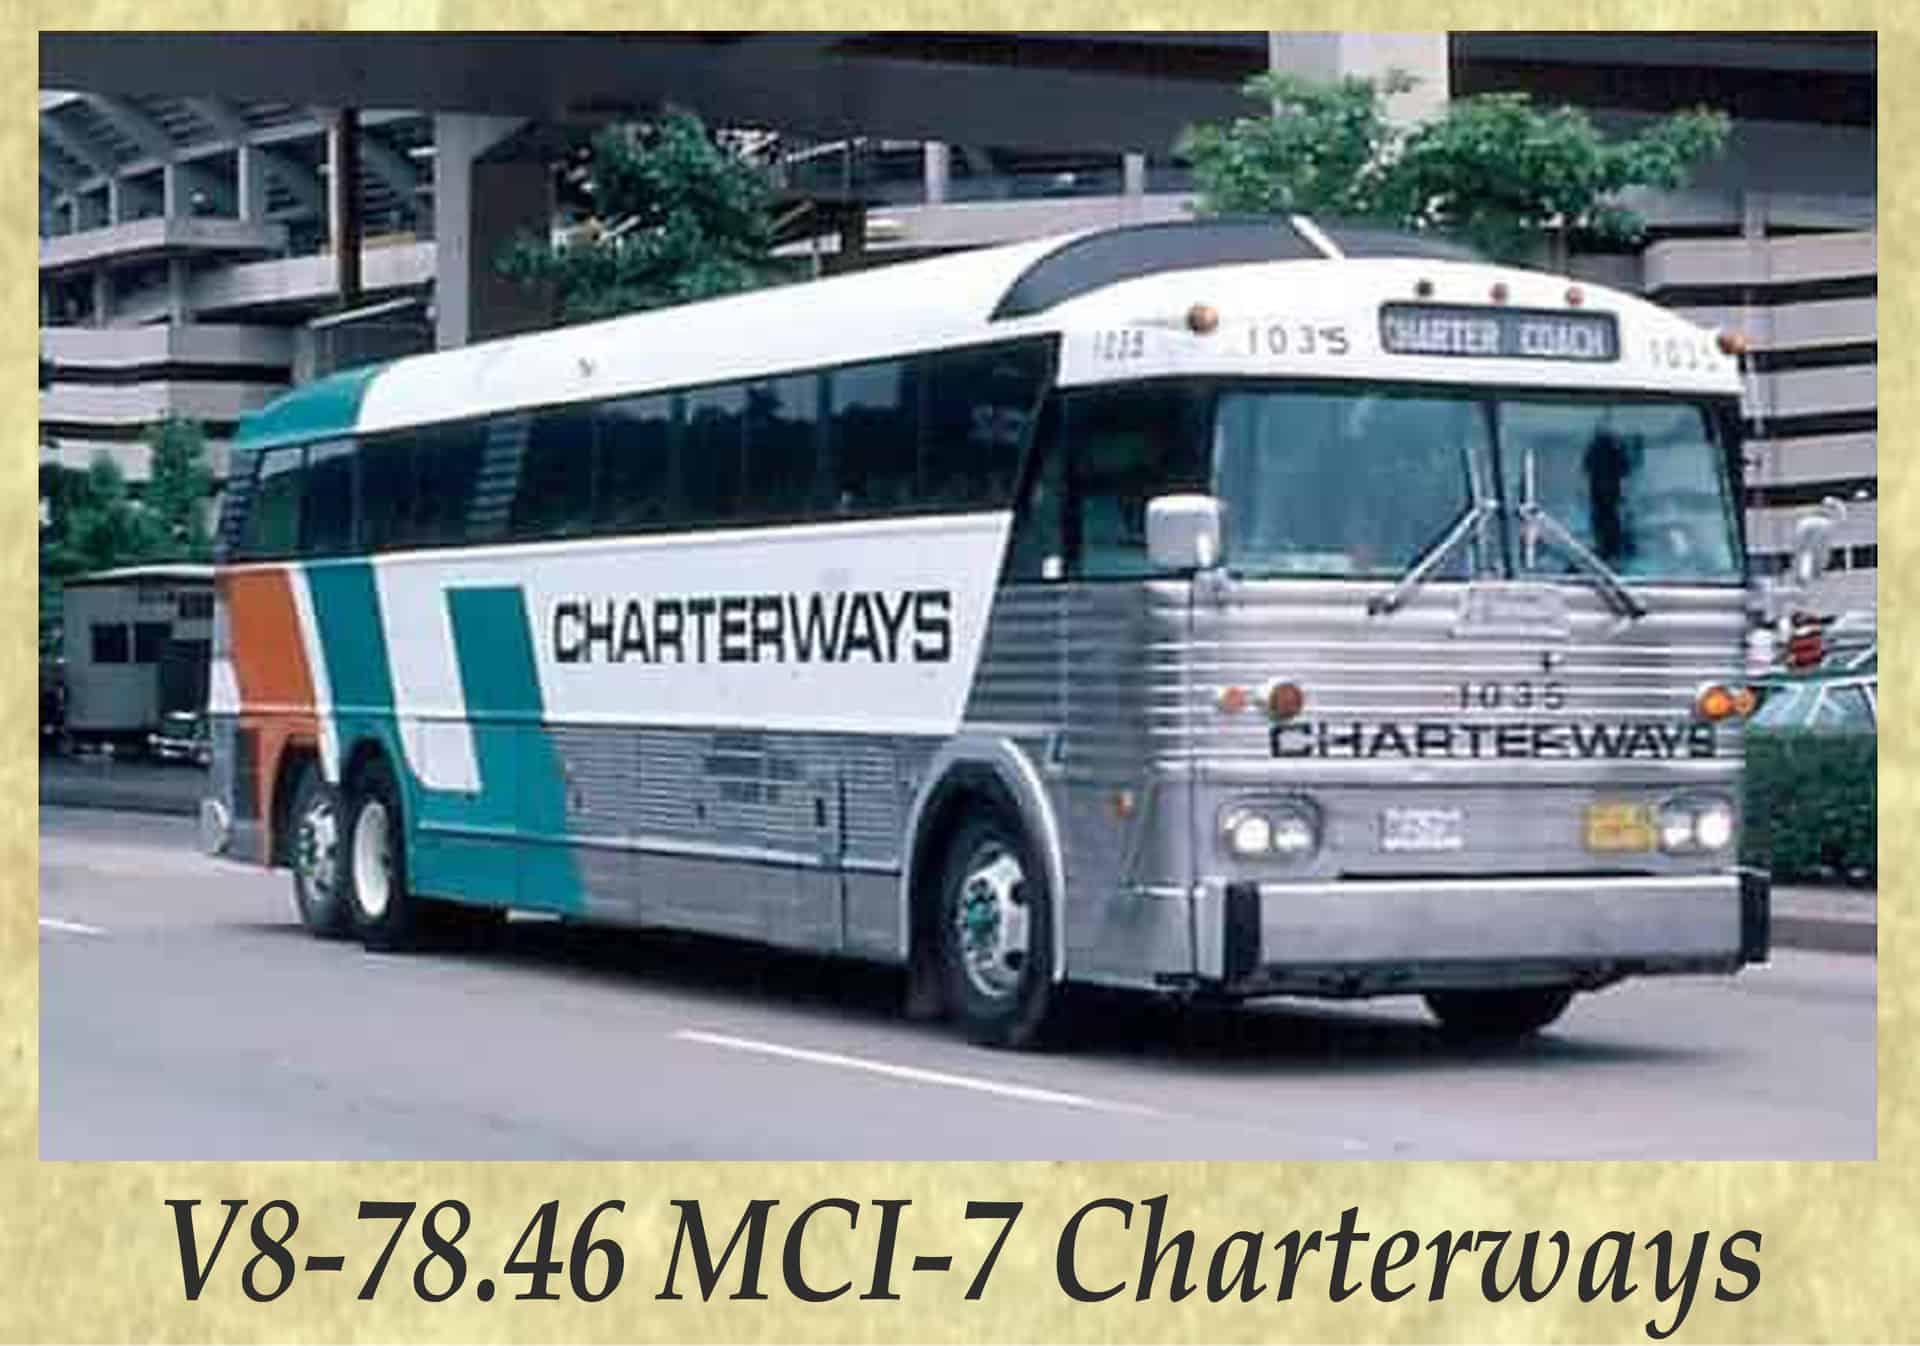 V8-78.46 MCI-7 Charterways